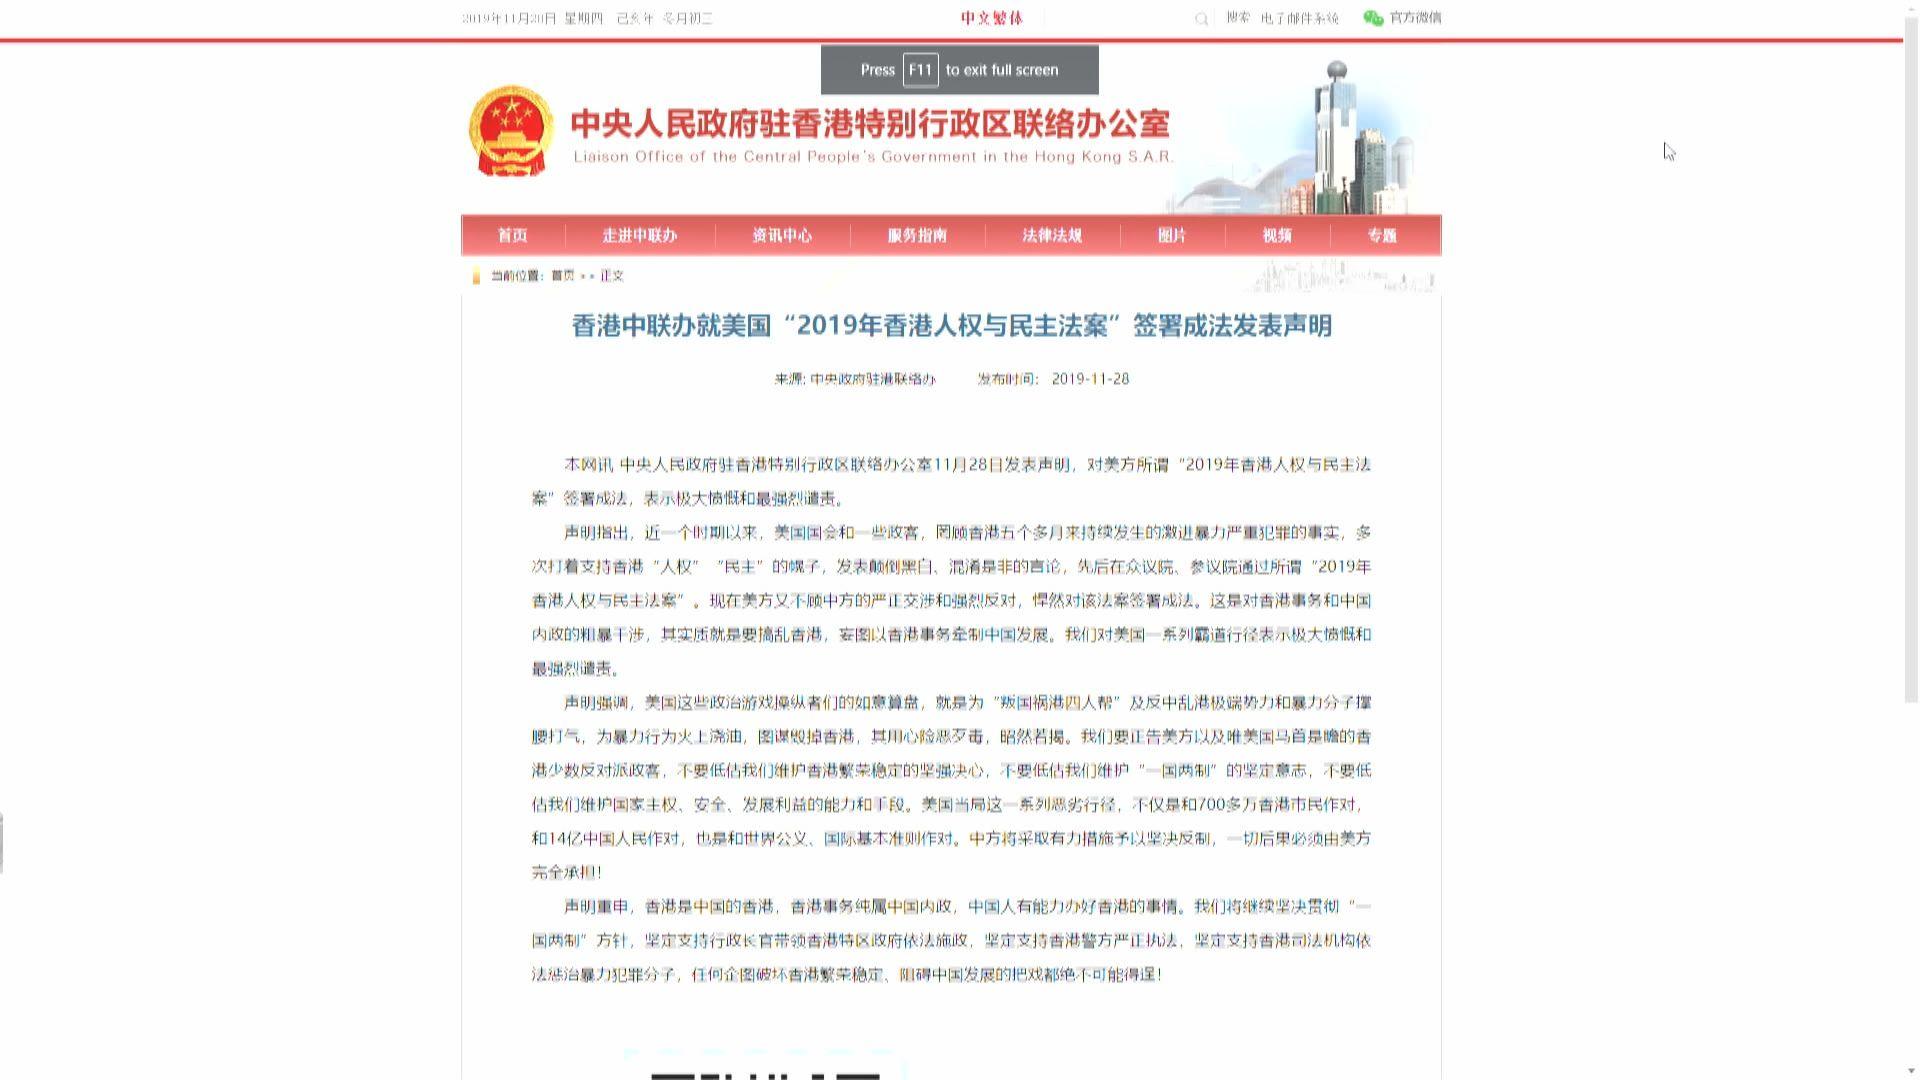 中聯辦:美方用心險惡歹毒 圖謀毀掉香港